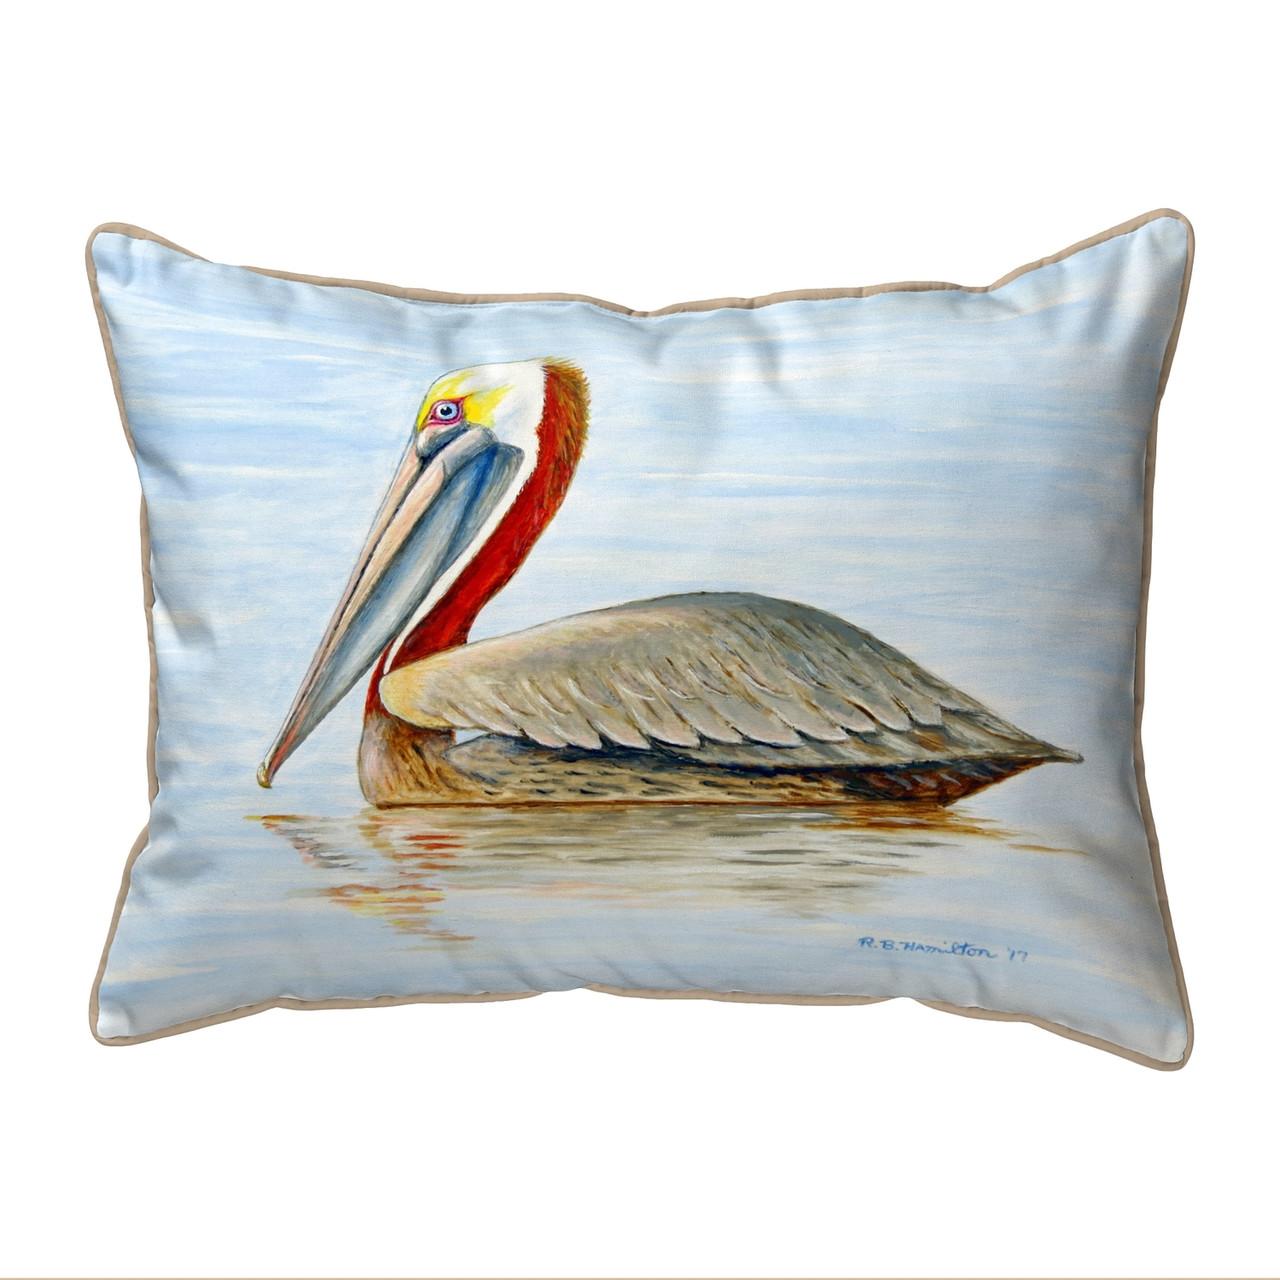 Summer Pelican Pillows